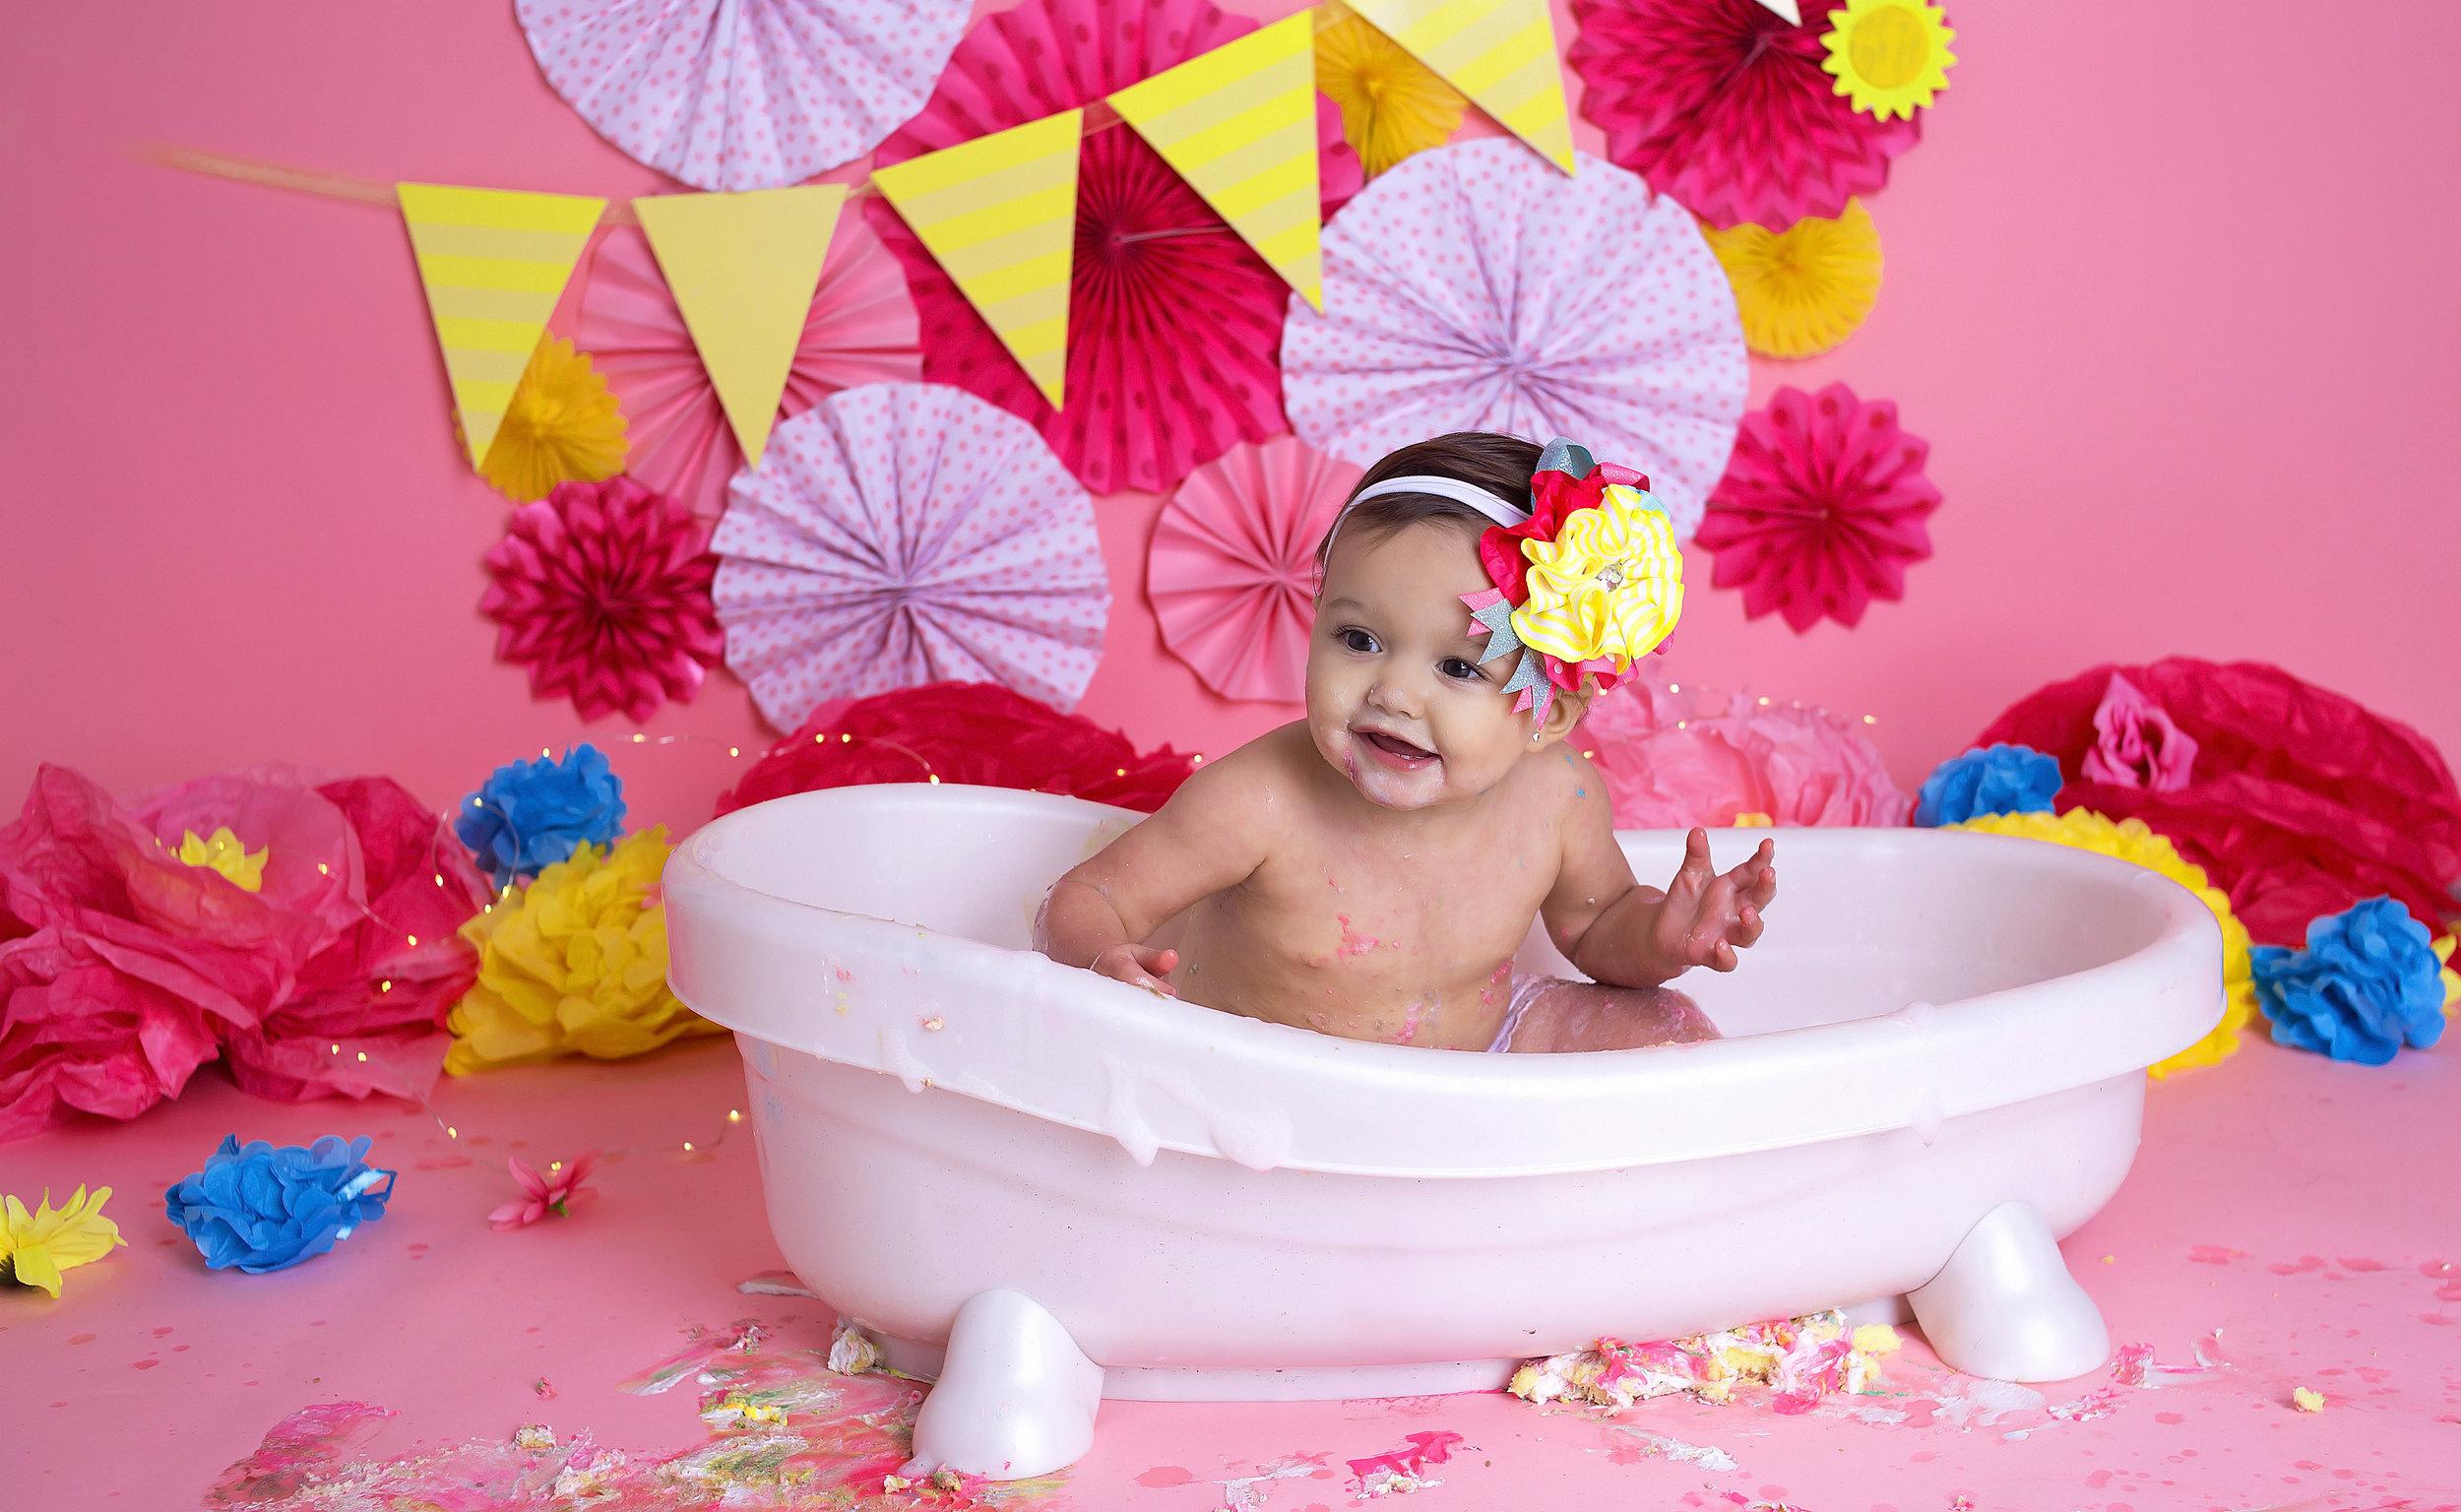 SPLISH SPLASH - SHE WAS TAKING A BATH!